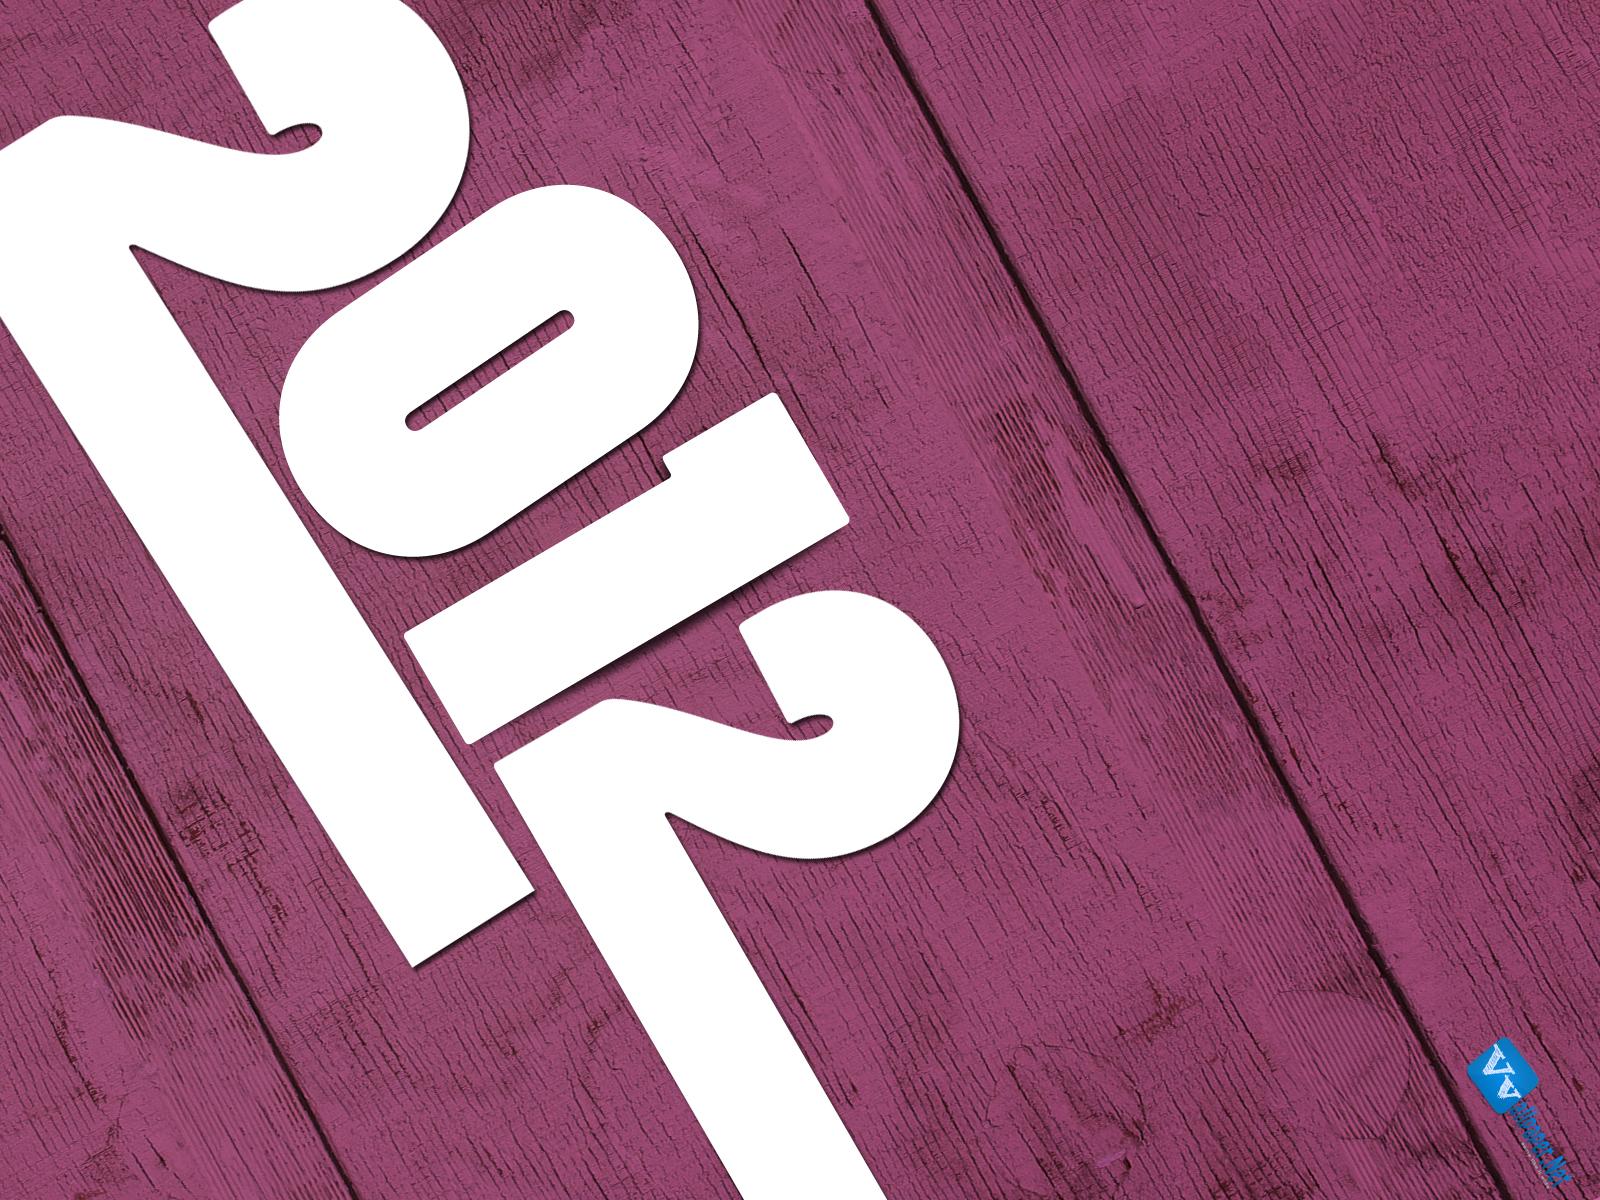 http://2.bp.blogspot.com/-juo8e2CCZhU/Tu-PTAvH7oI/AAAAAAAAE4E/OxofciqX2xw/s1600/2012_Text_Blue_Purple_Texture_Wallpaper-Vvallpaper.Net.jpg